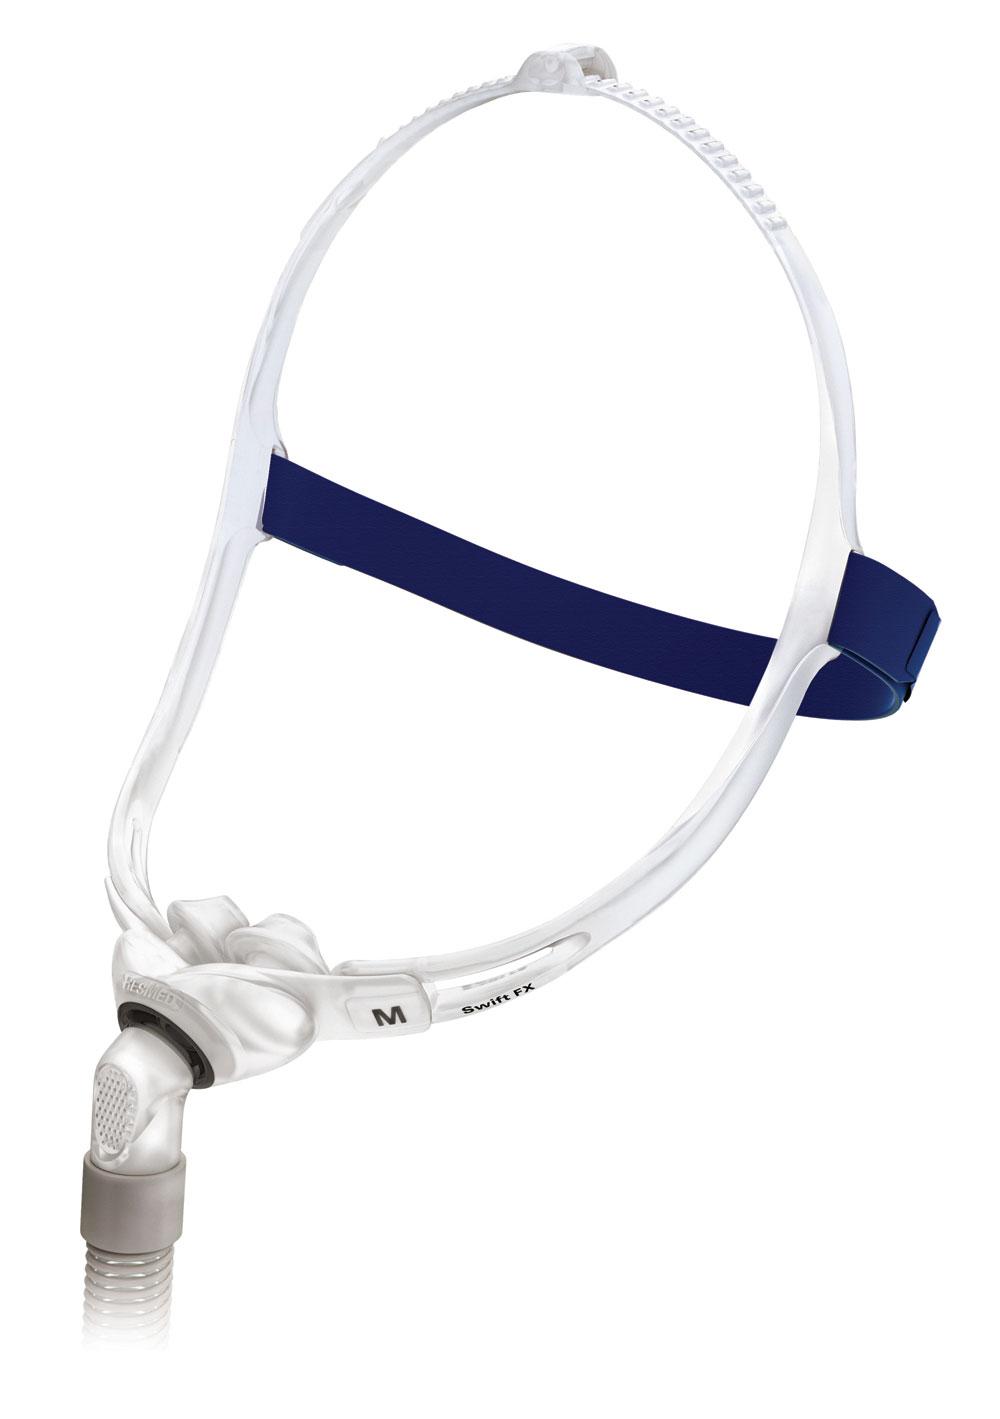 Swift™ FX Nasal Pillow Mask with Headgear